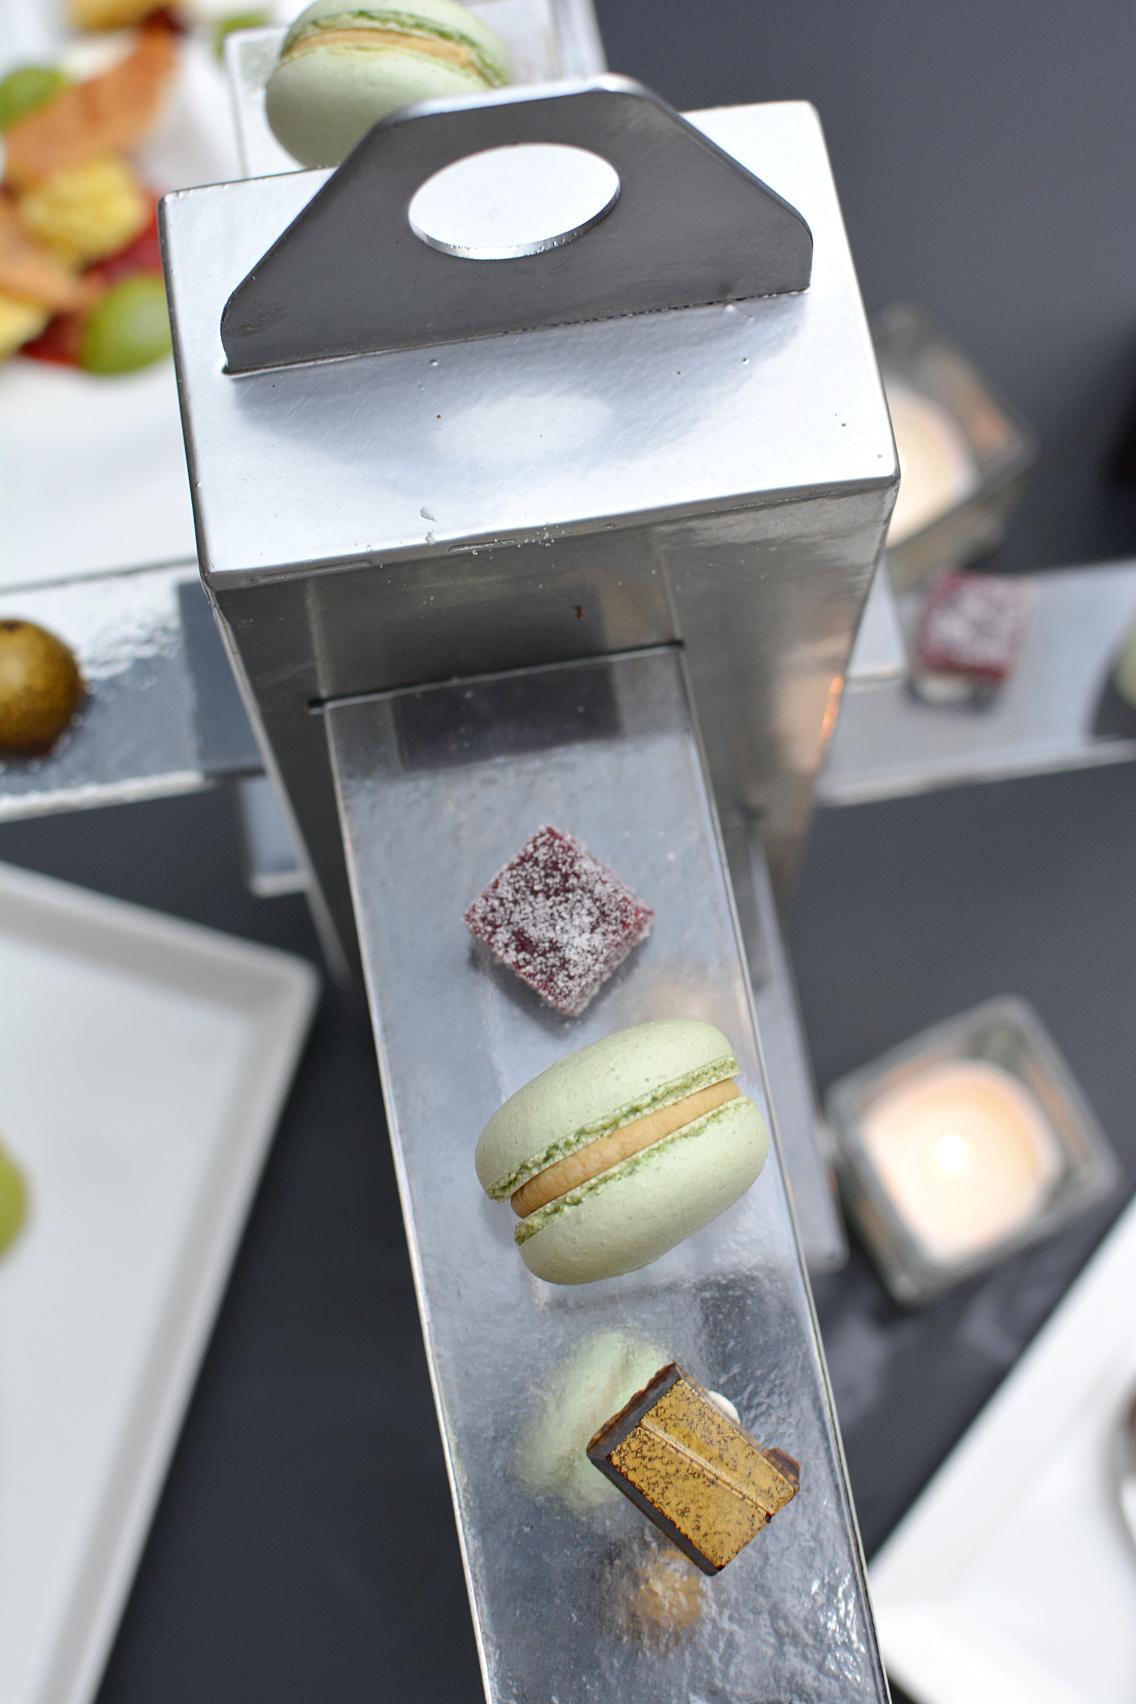 Sofitel Chicago Mignardises macarons, pate fruits, molded chocolates 4